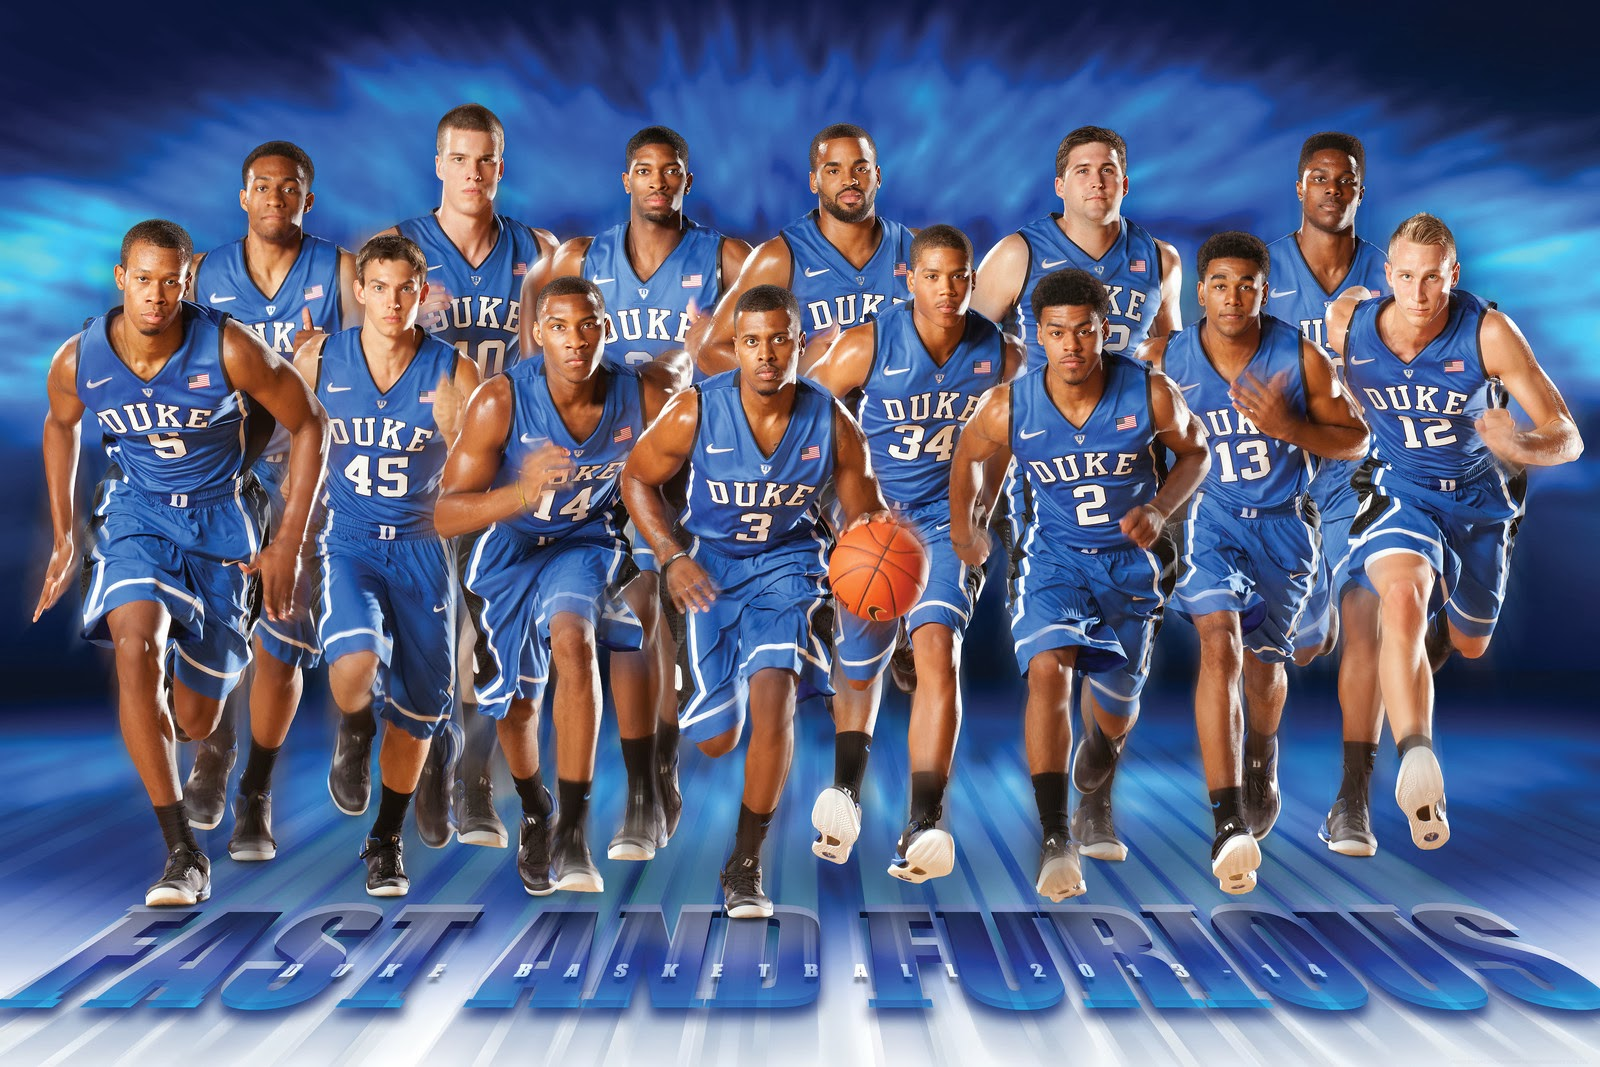 Duke basketball wallpaper 2014